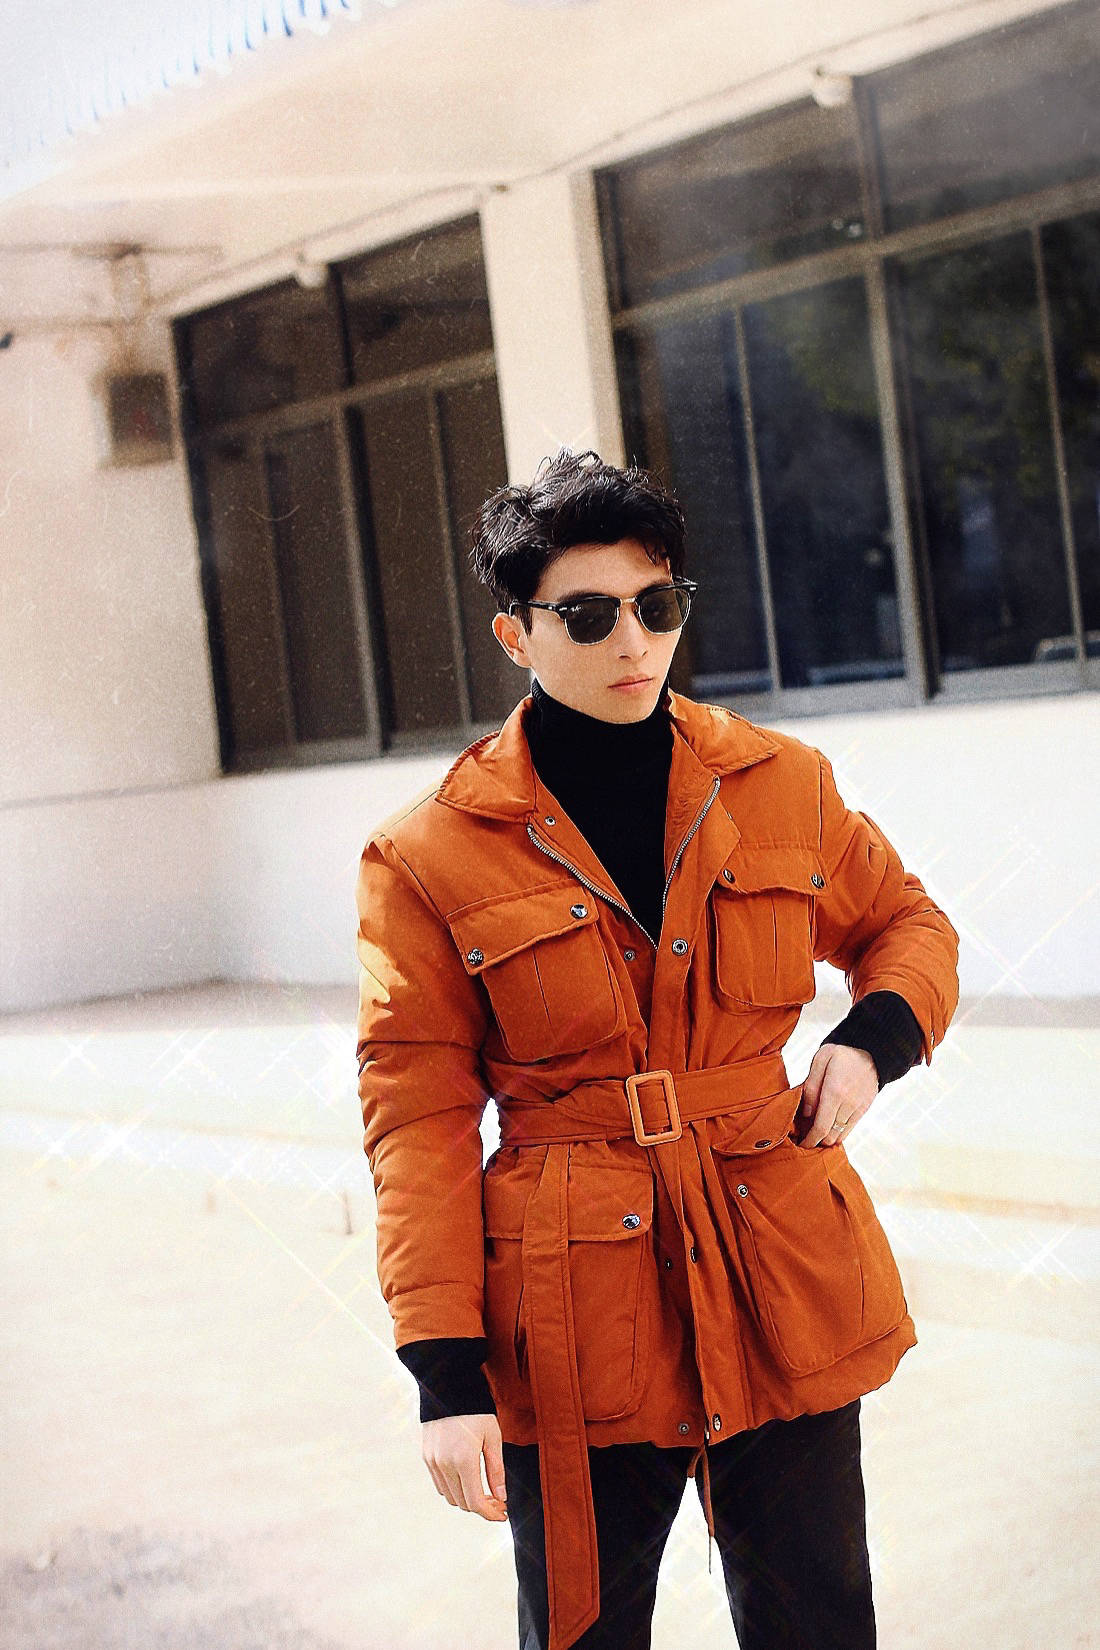 【男士时尚】丨橘色夹克混搭,生活随拍记录...                                   图1